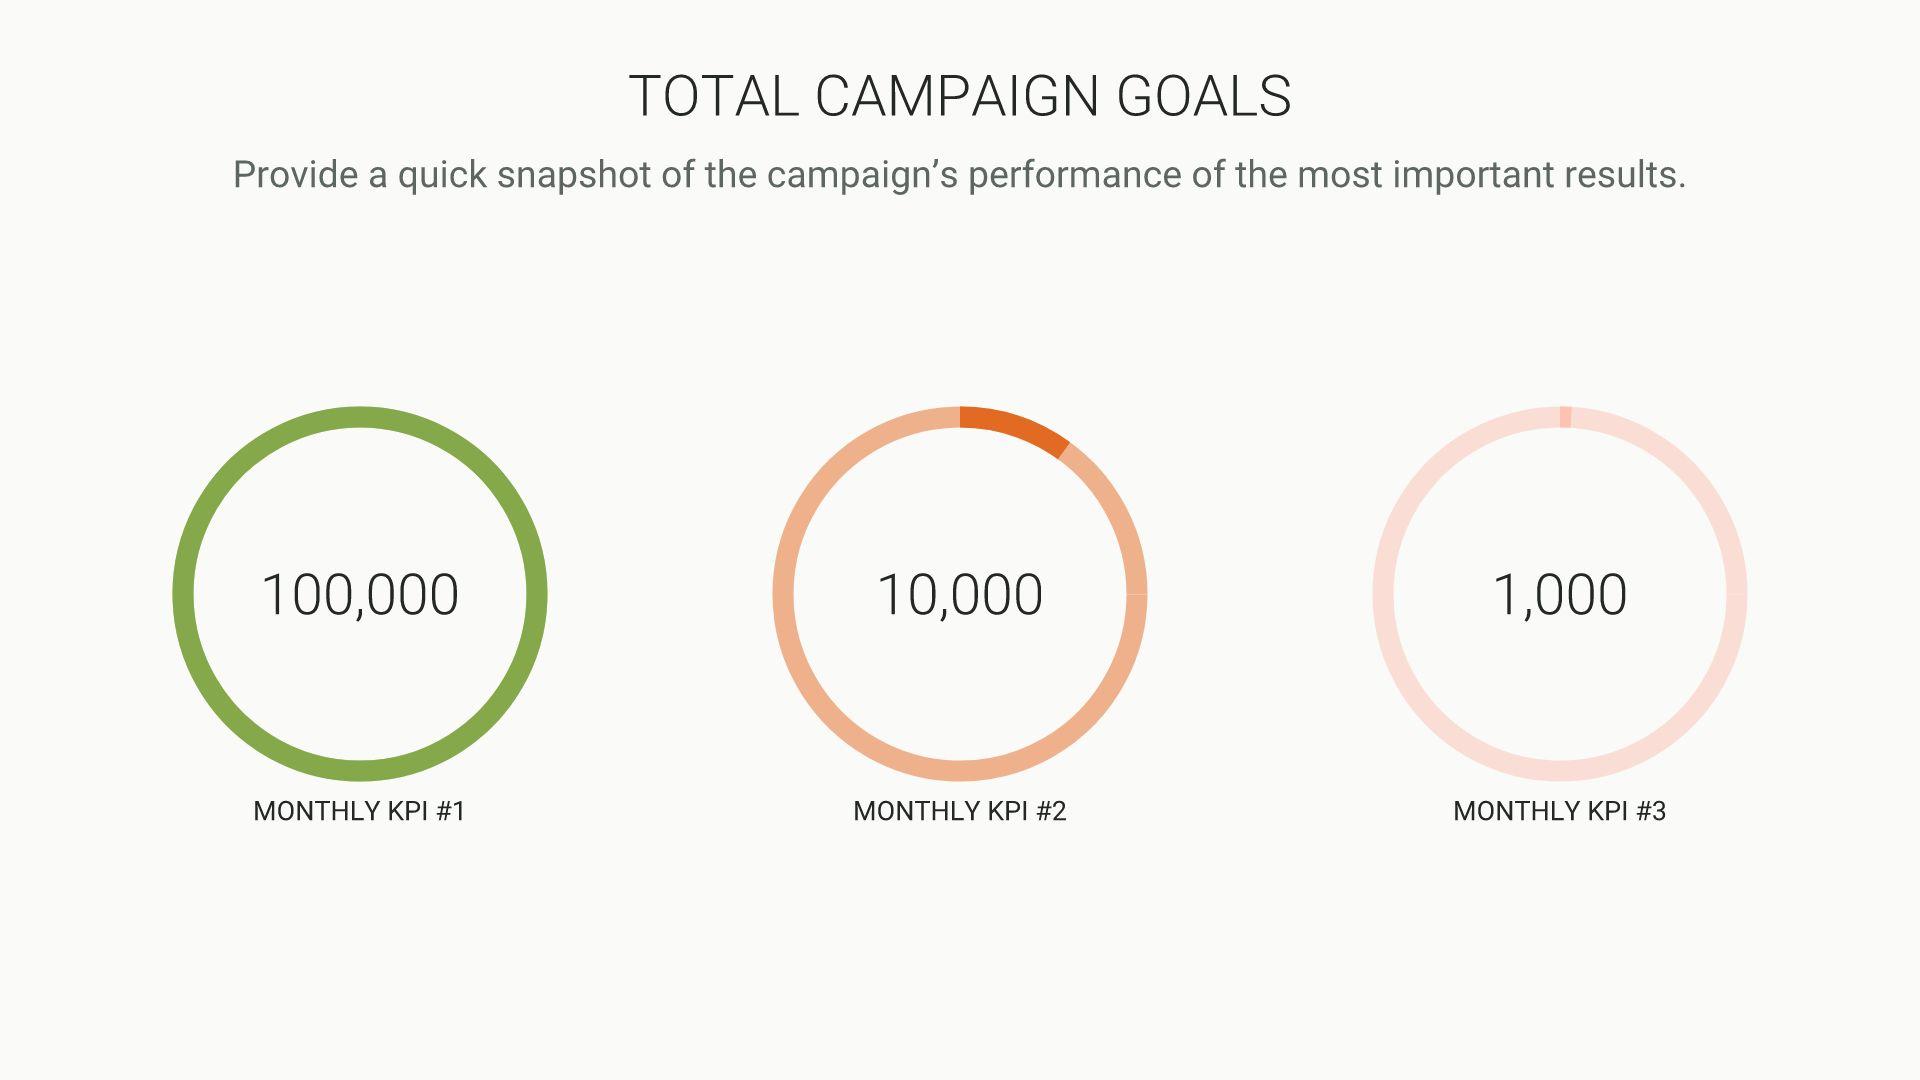 Total Campaign Goals